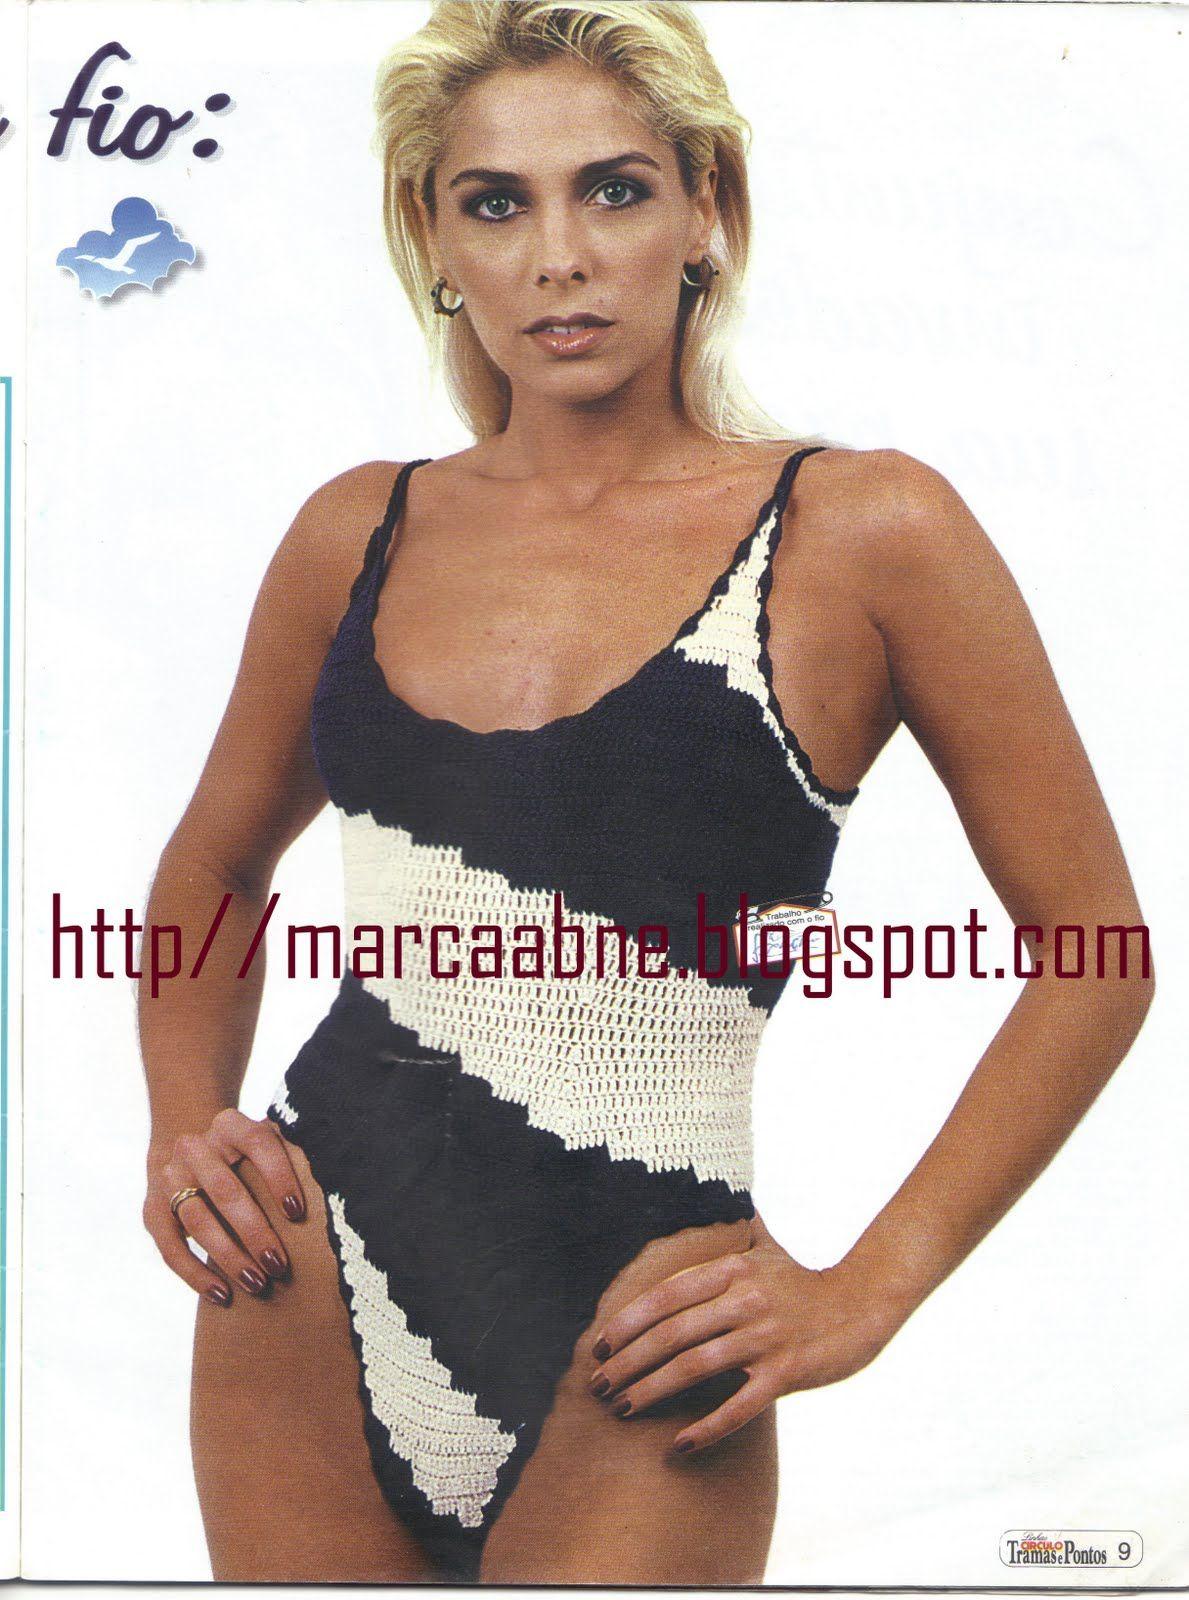 Marcinha crochê: Receita de maiô ou body em crochê